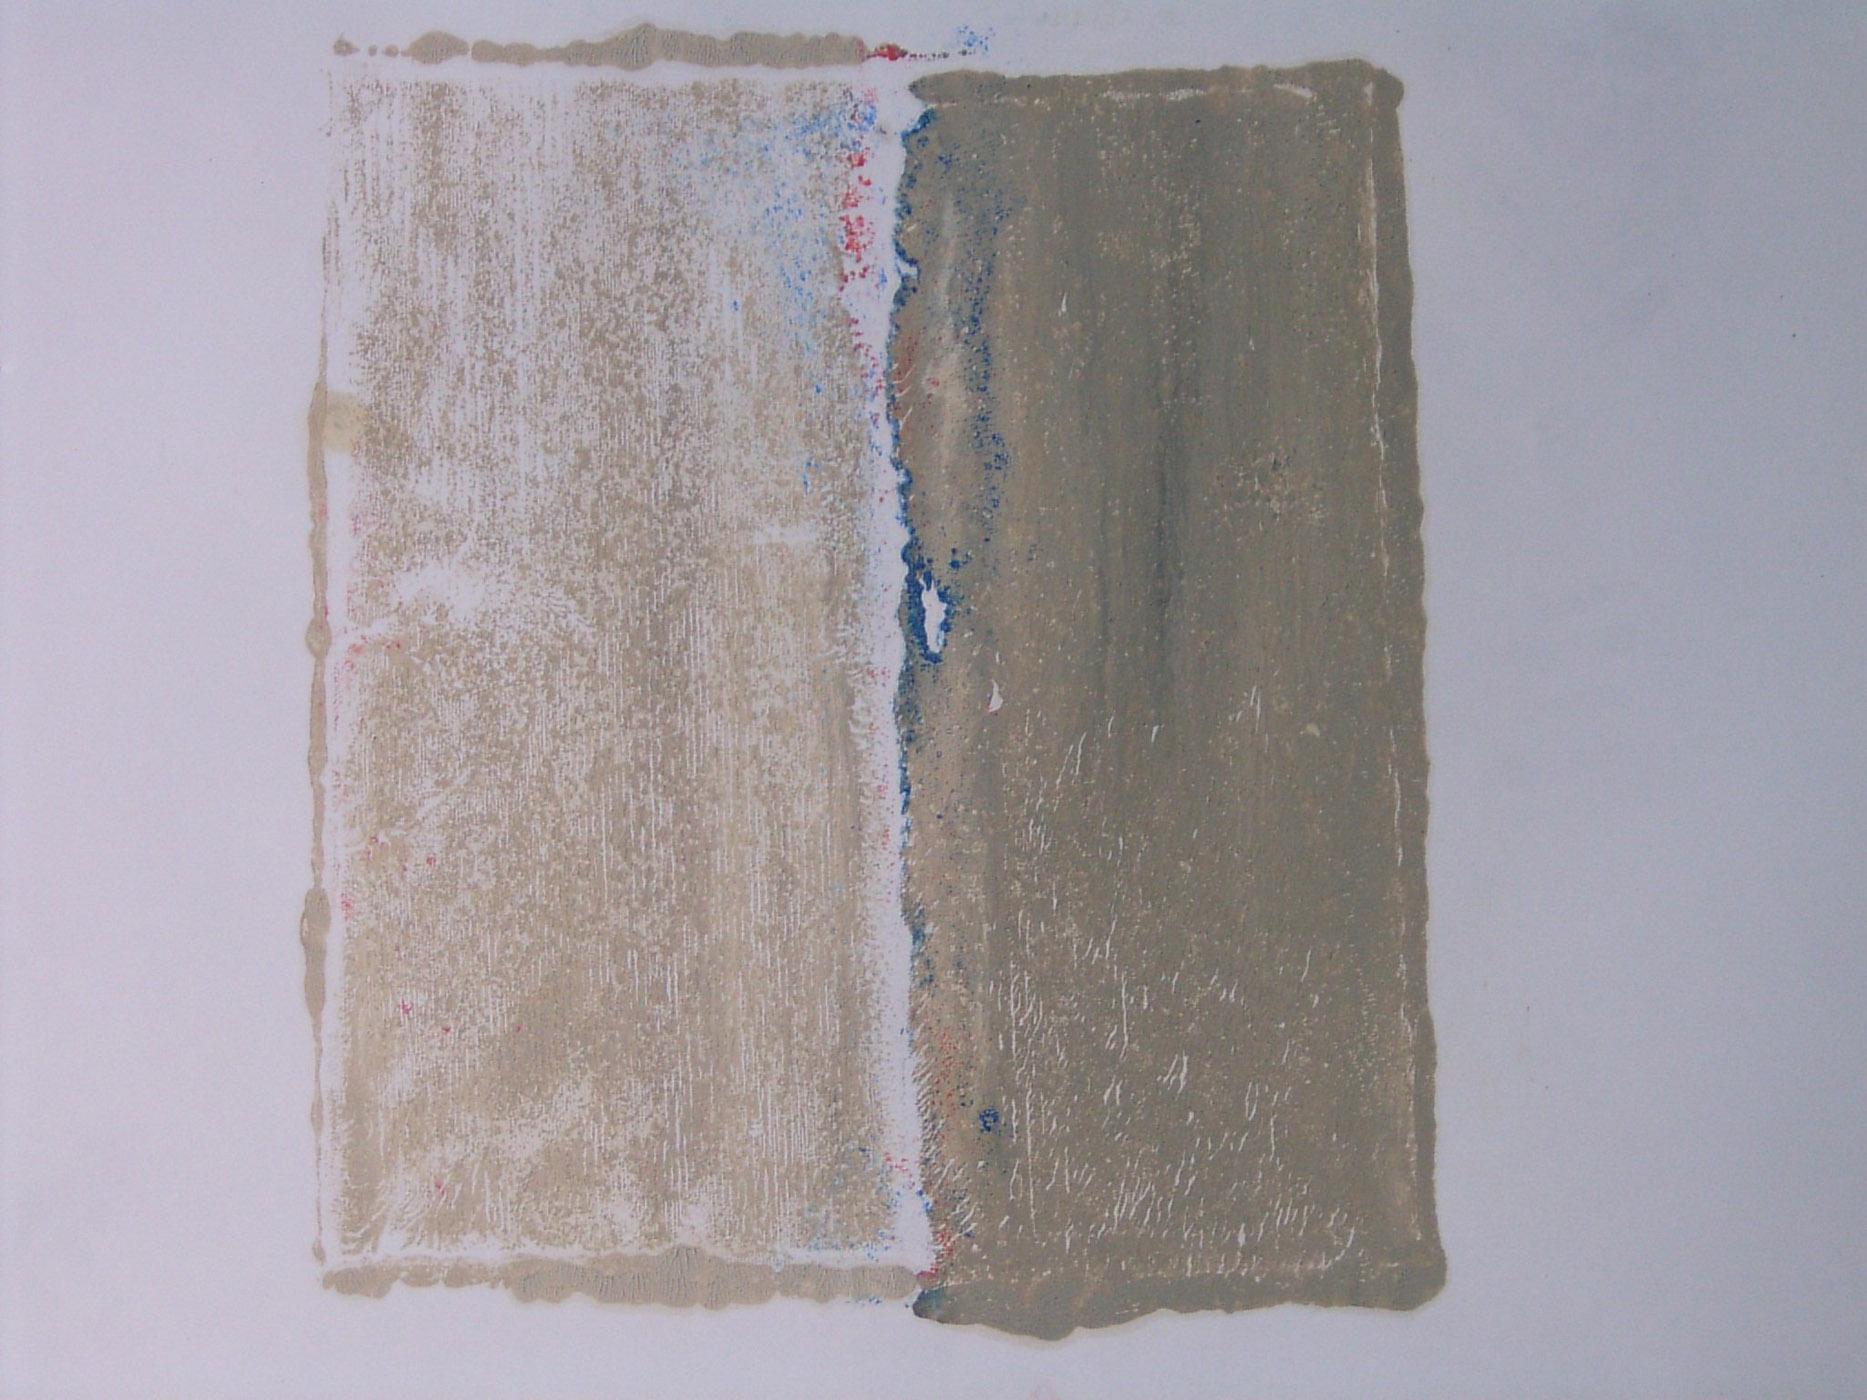 MARC FELD 2004 PATIENCE 2 Huile et pigment sur papier  44 x 64 cm